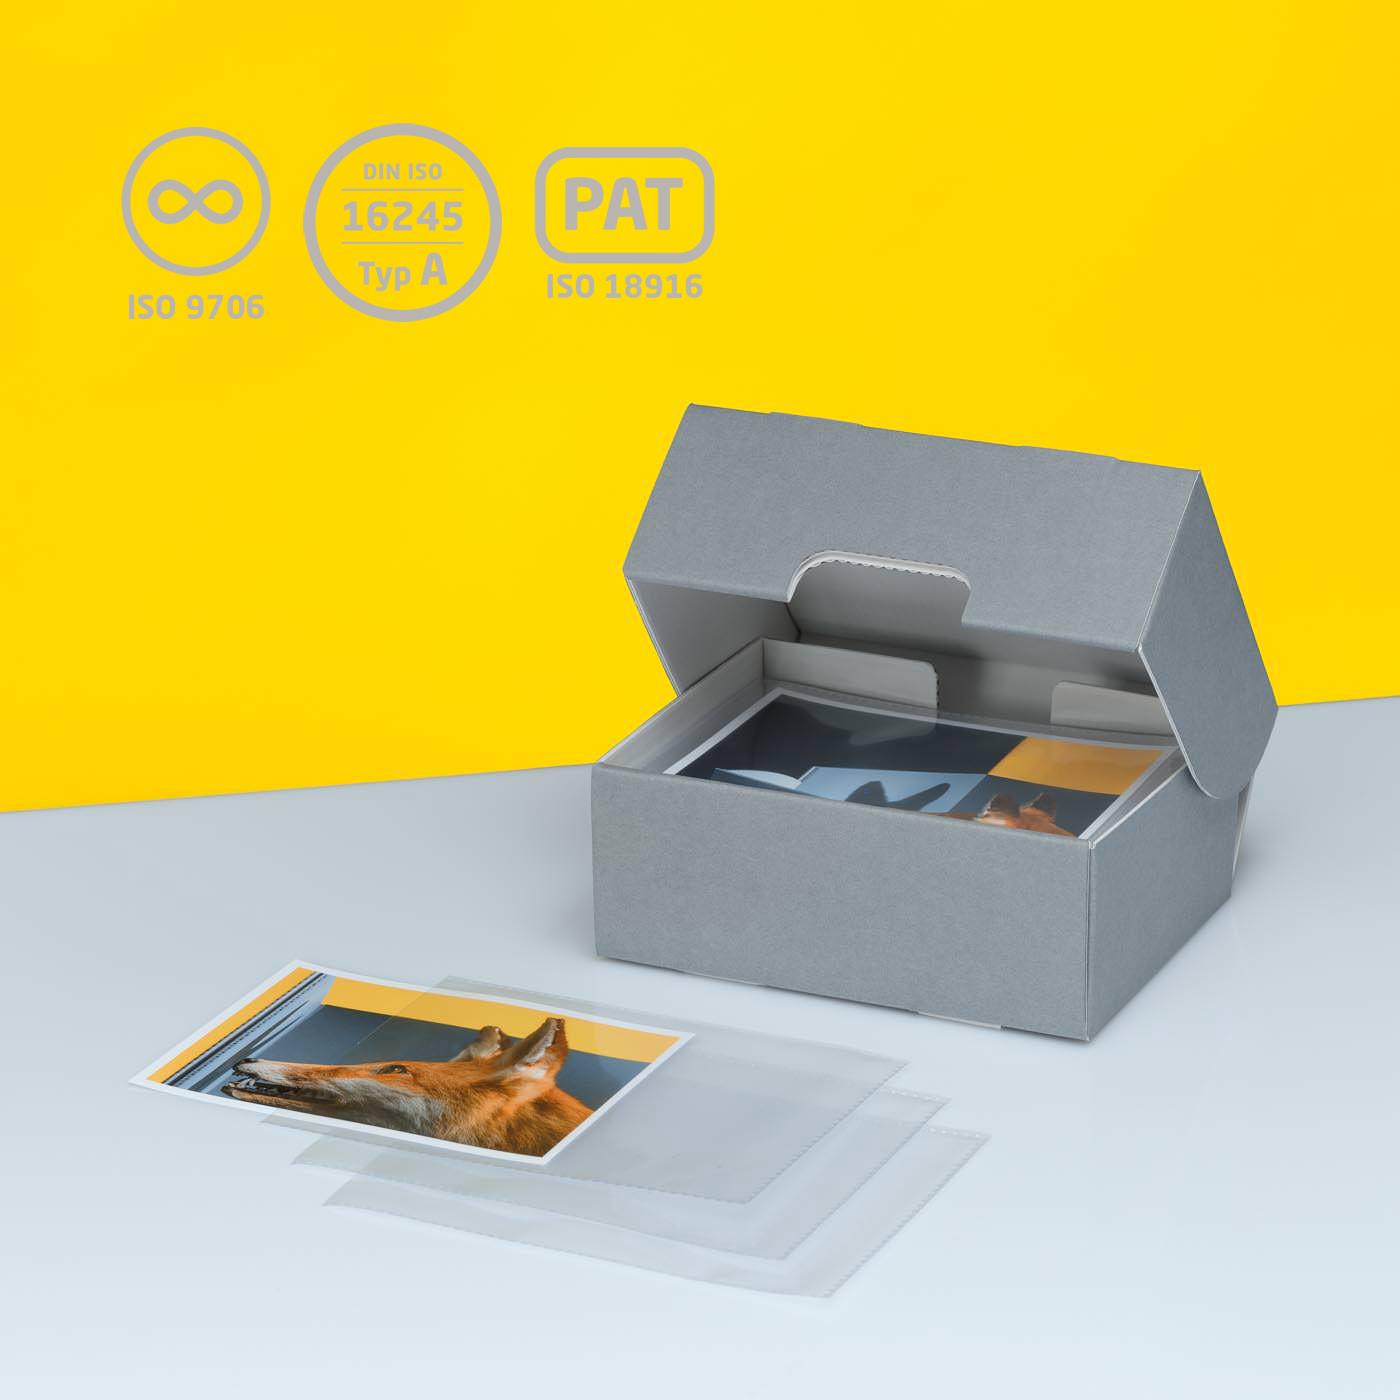 Fotobox für liegende Aufbewahrung